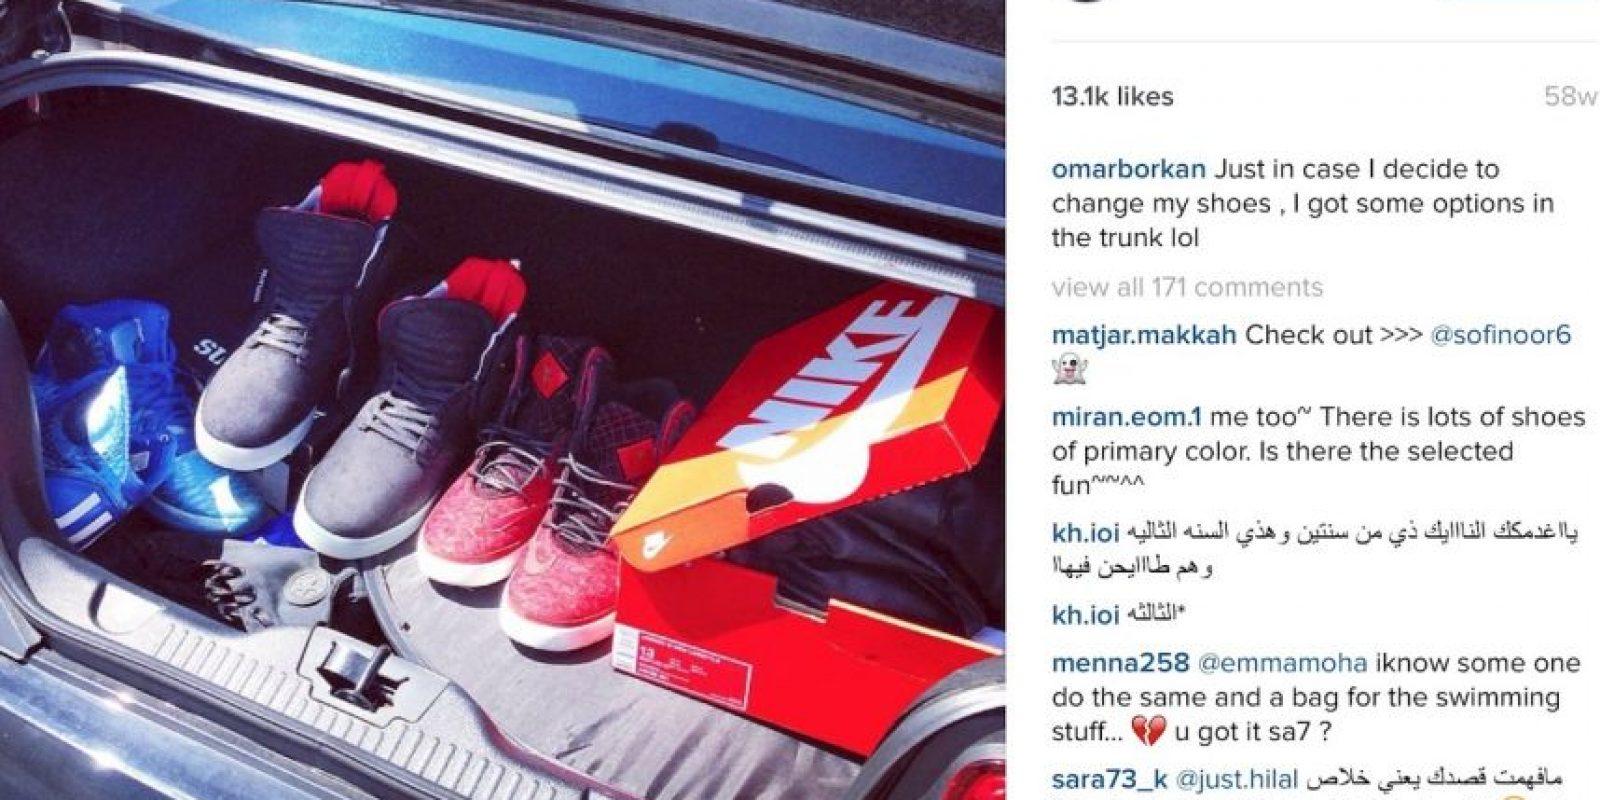 Por ejemplo, guarda estos pares de zapatos en su auto por si en algún momento quiere cambiarlos… Foto:Vía Instagram/@omarborkan